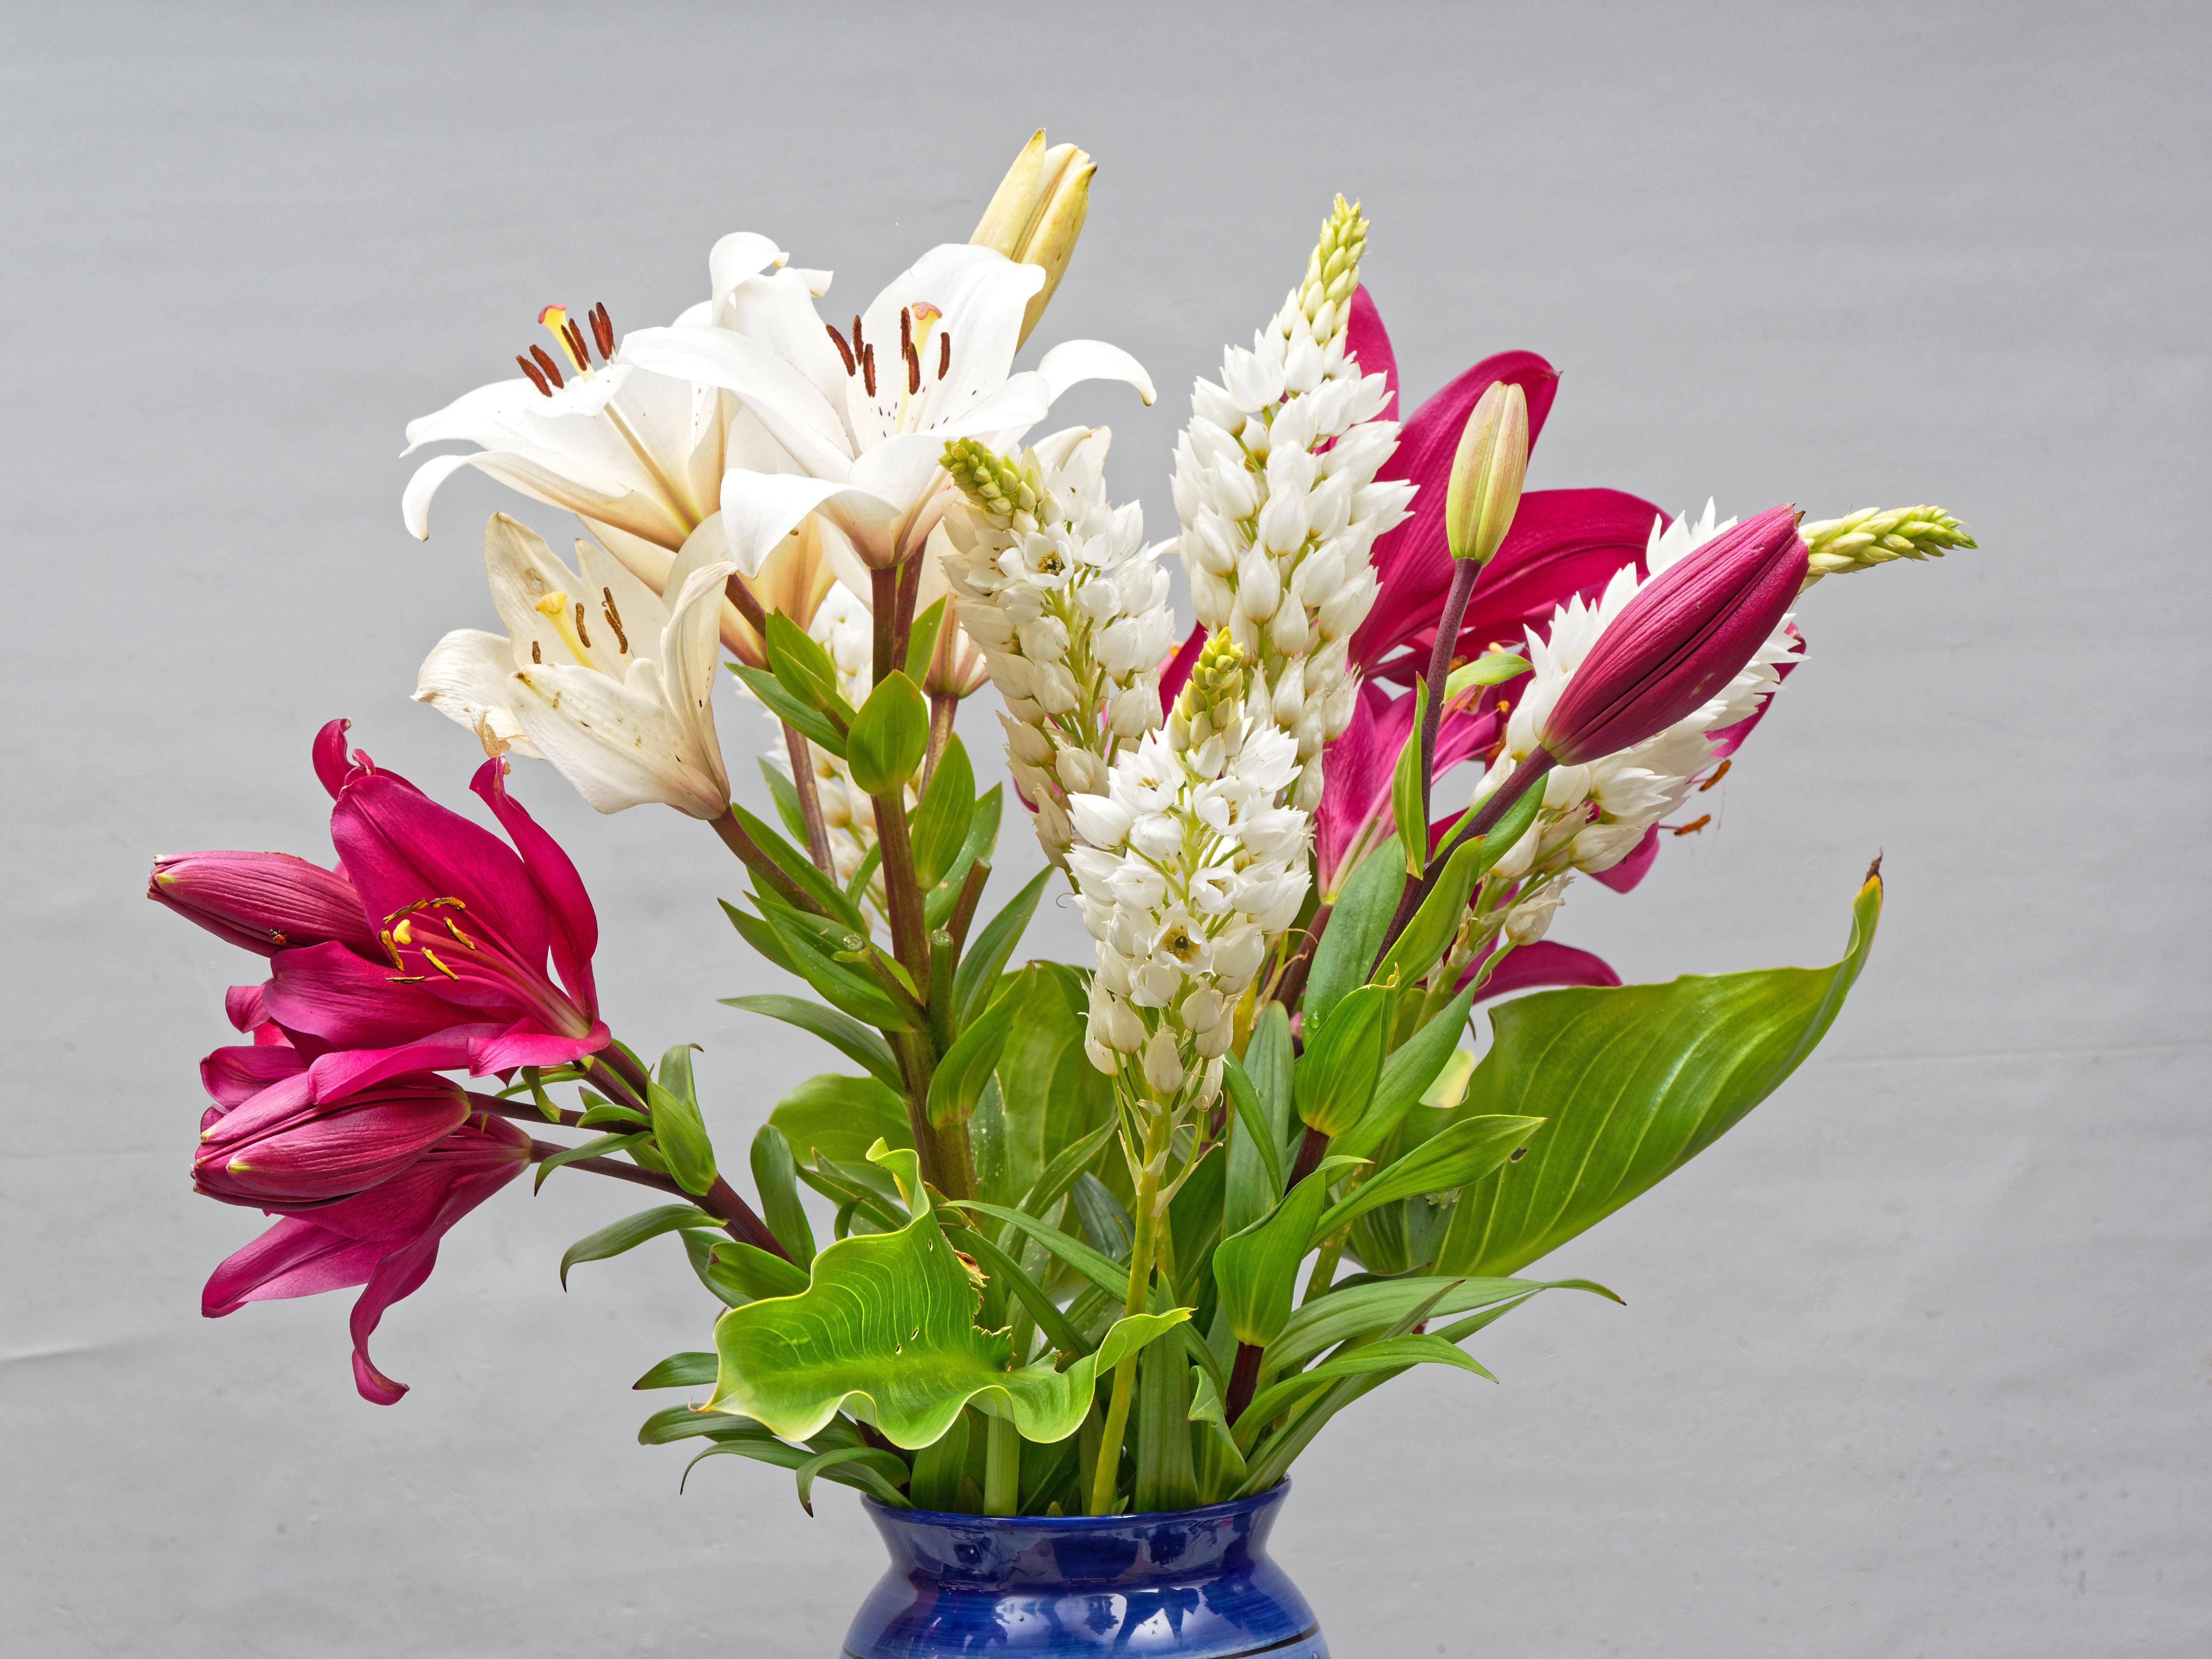 Flower-arrangement-1.jpeg